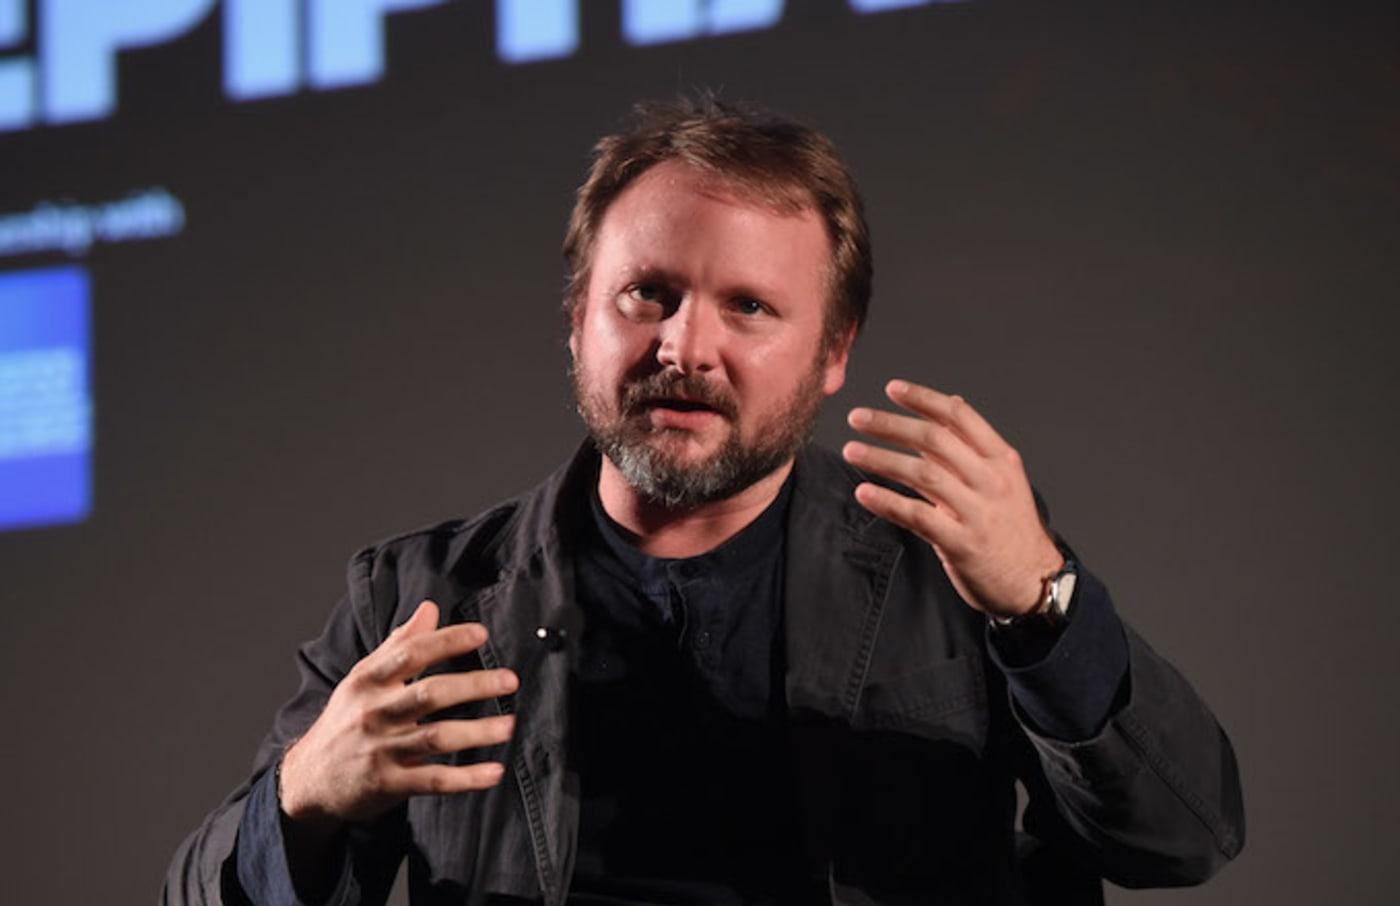 Director Rian Johnson